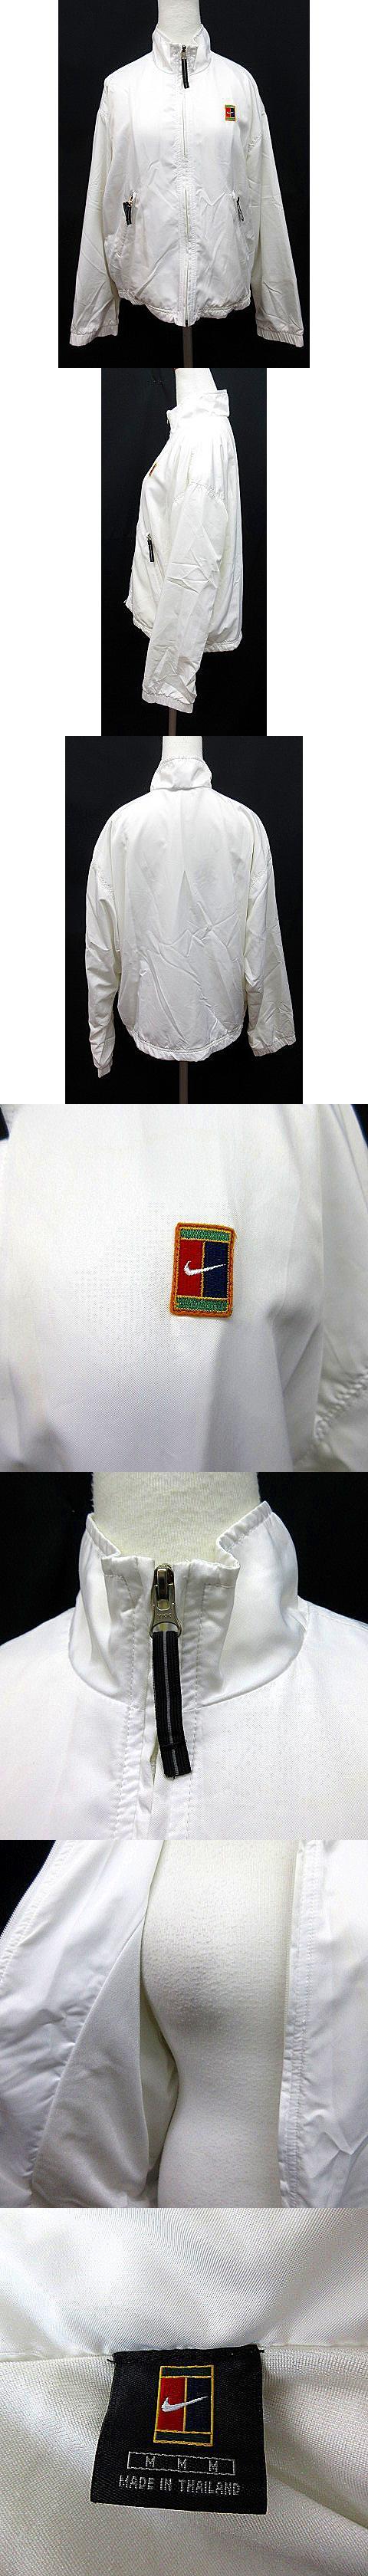 トラックジャケット M 白 ホワイト系